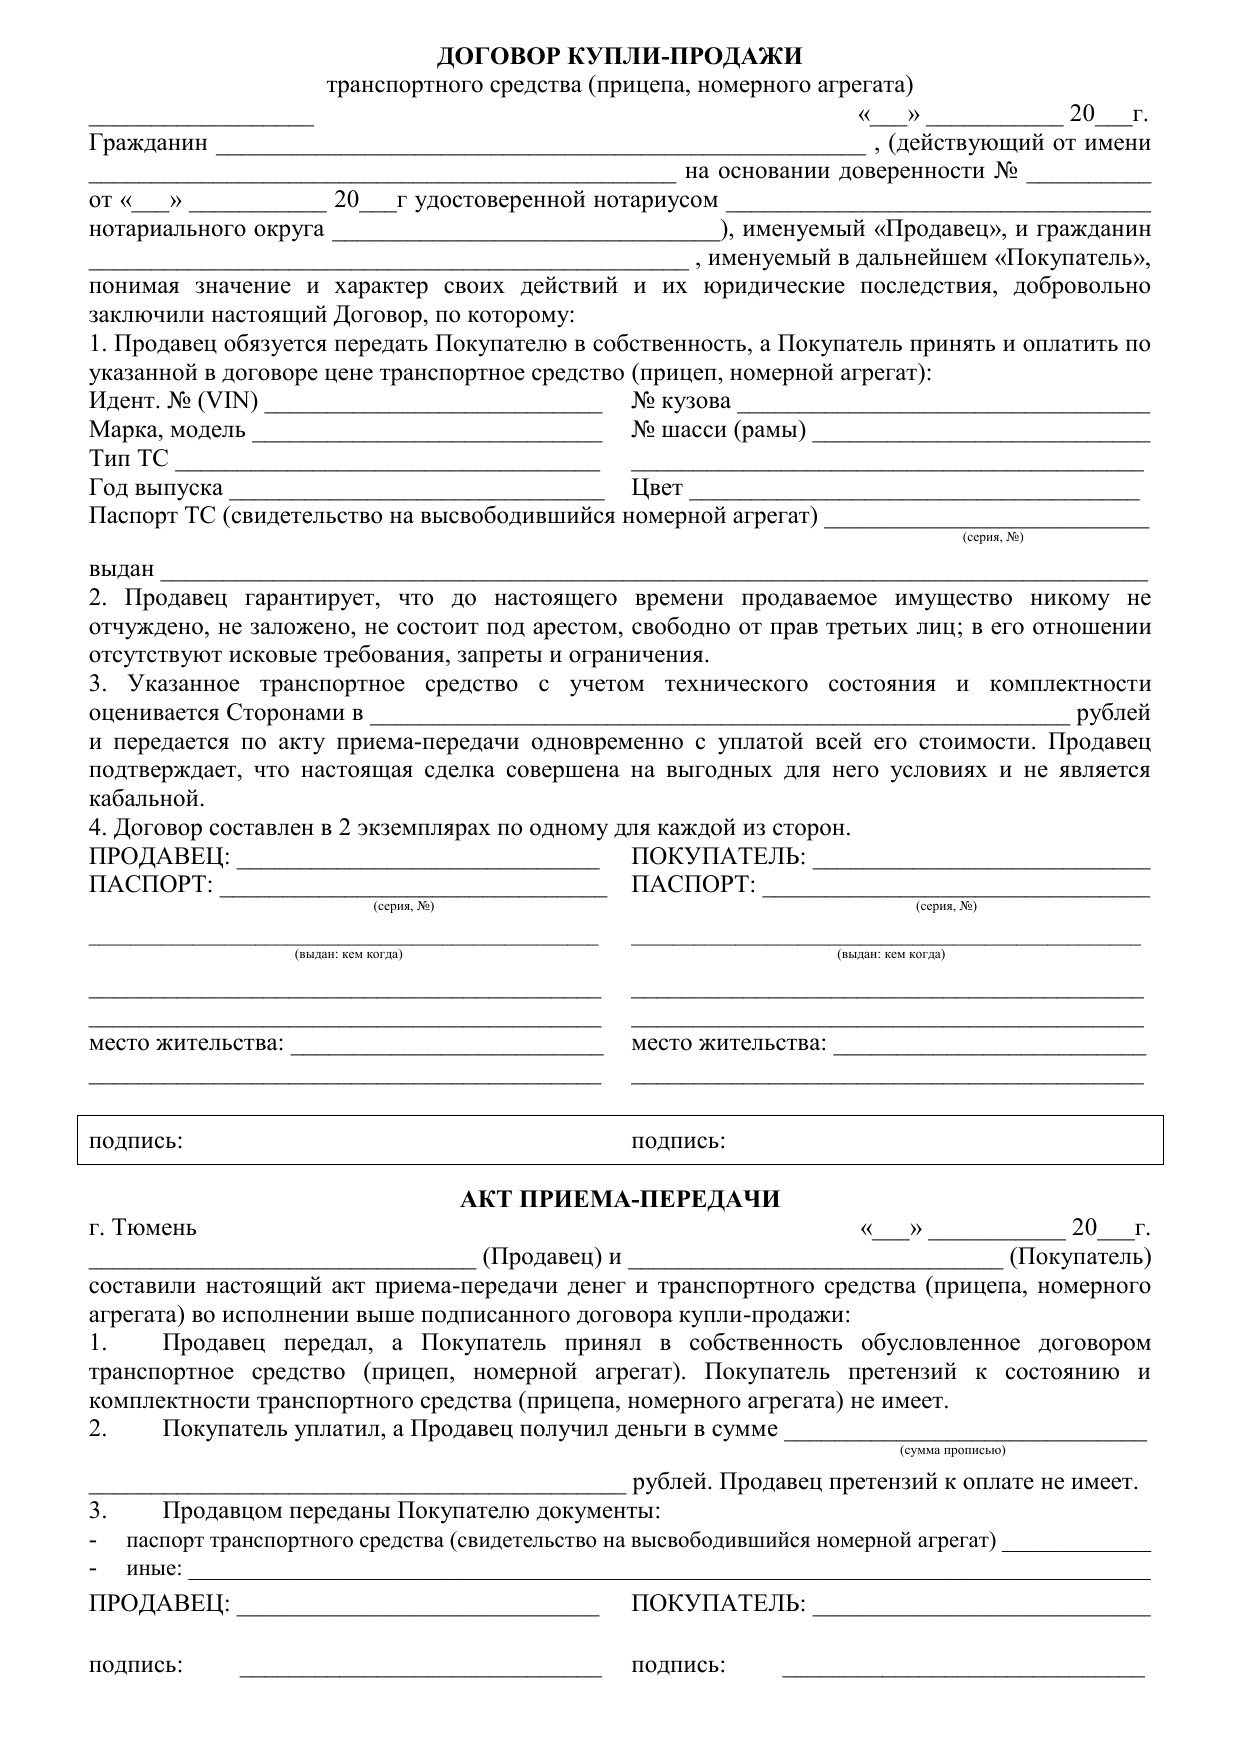 Требуемые документы для загранпаспорта нового образца 2019 года